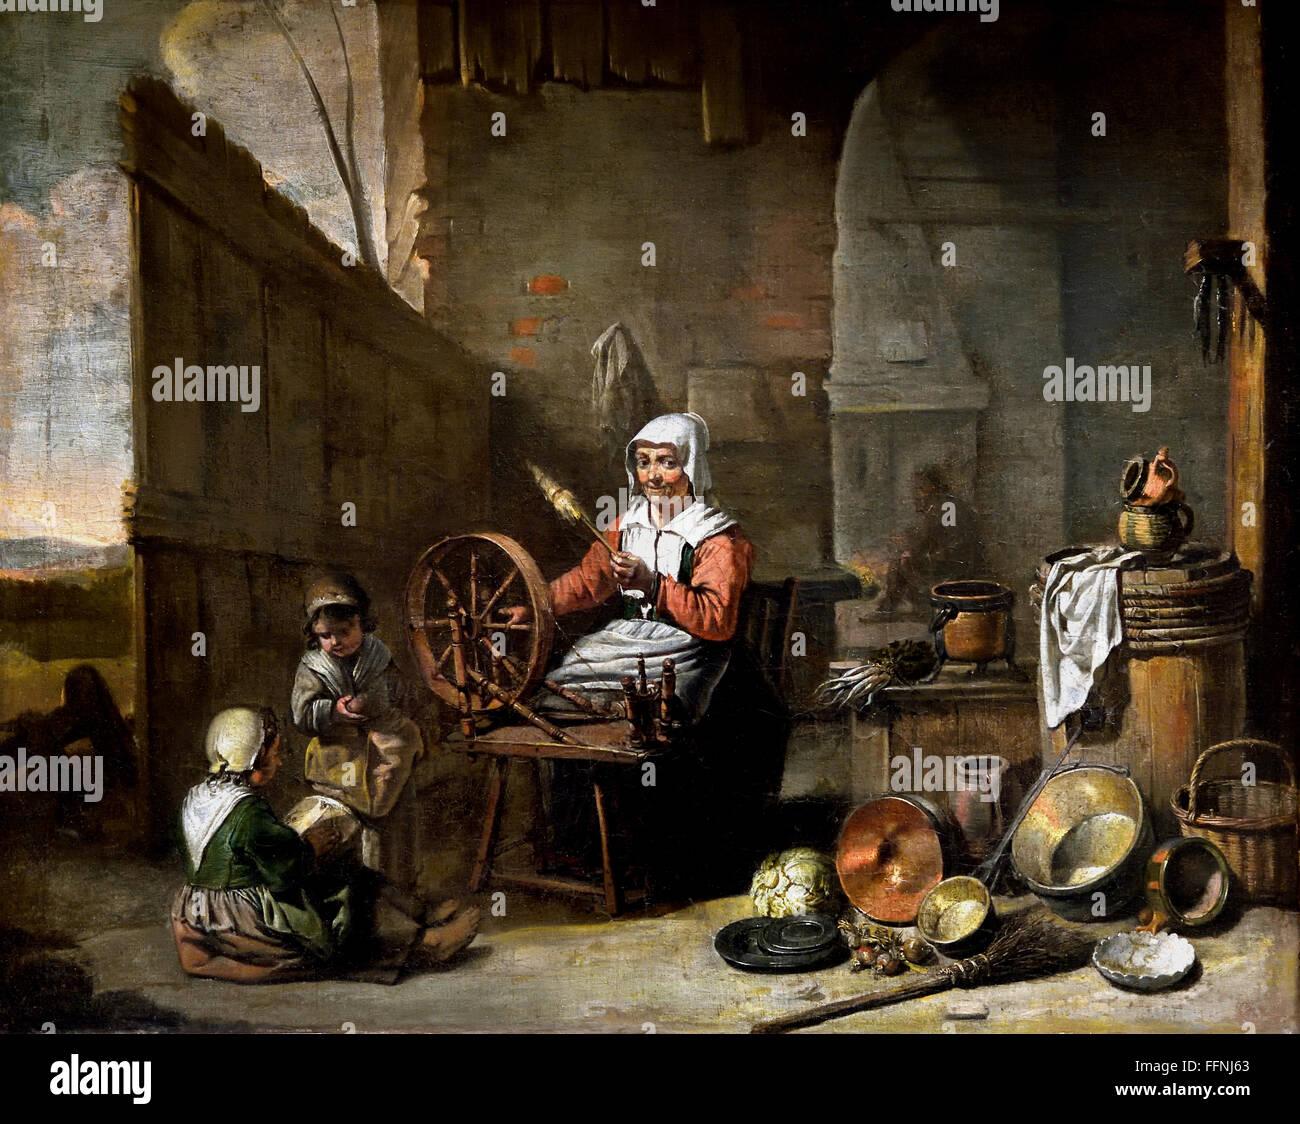 La Fileuse Le Maître de Béguin - The Spinner Active Master Beguin Fleming Paris 17th Century - Stock Image